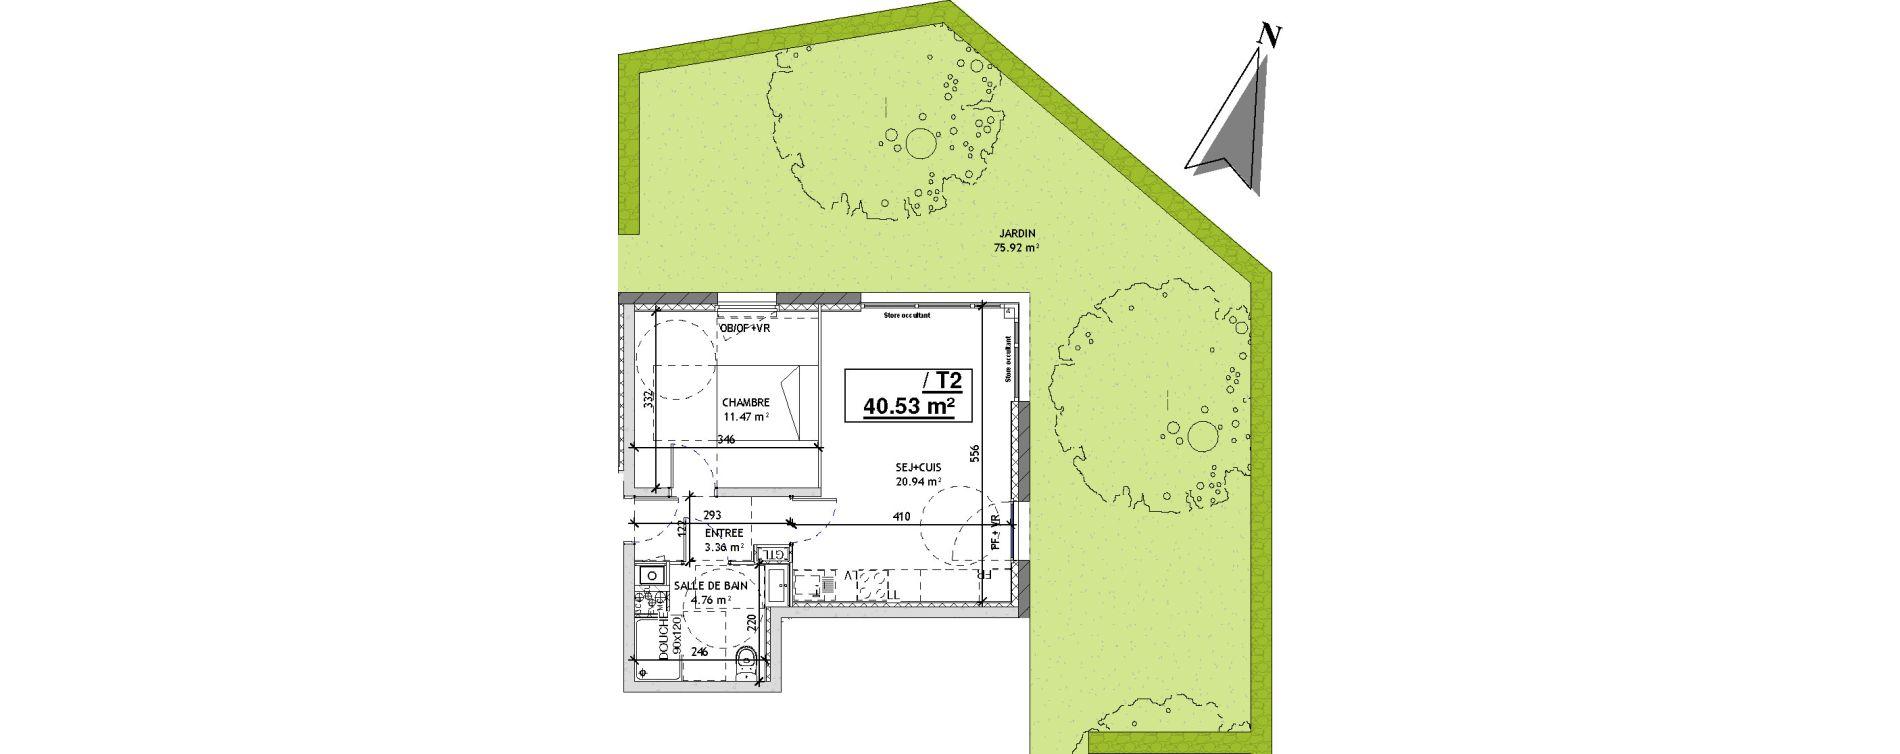 Appartement T2 de 40,53 m2 à Mons-En-Barœul Centre